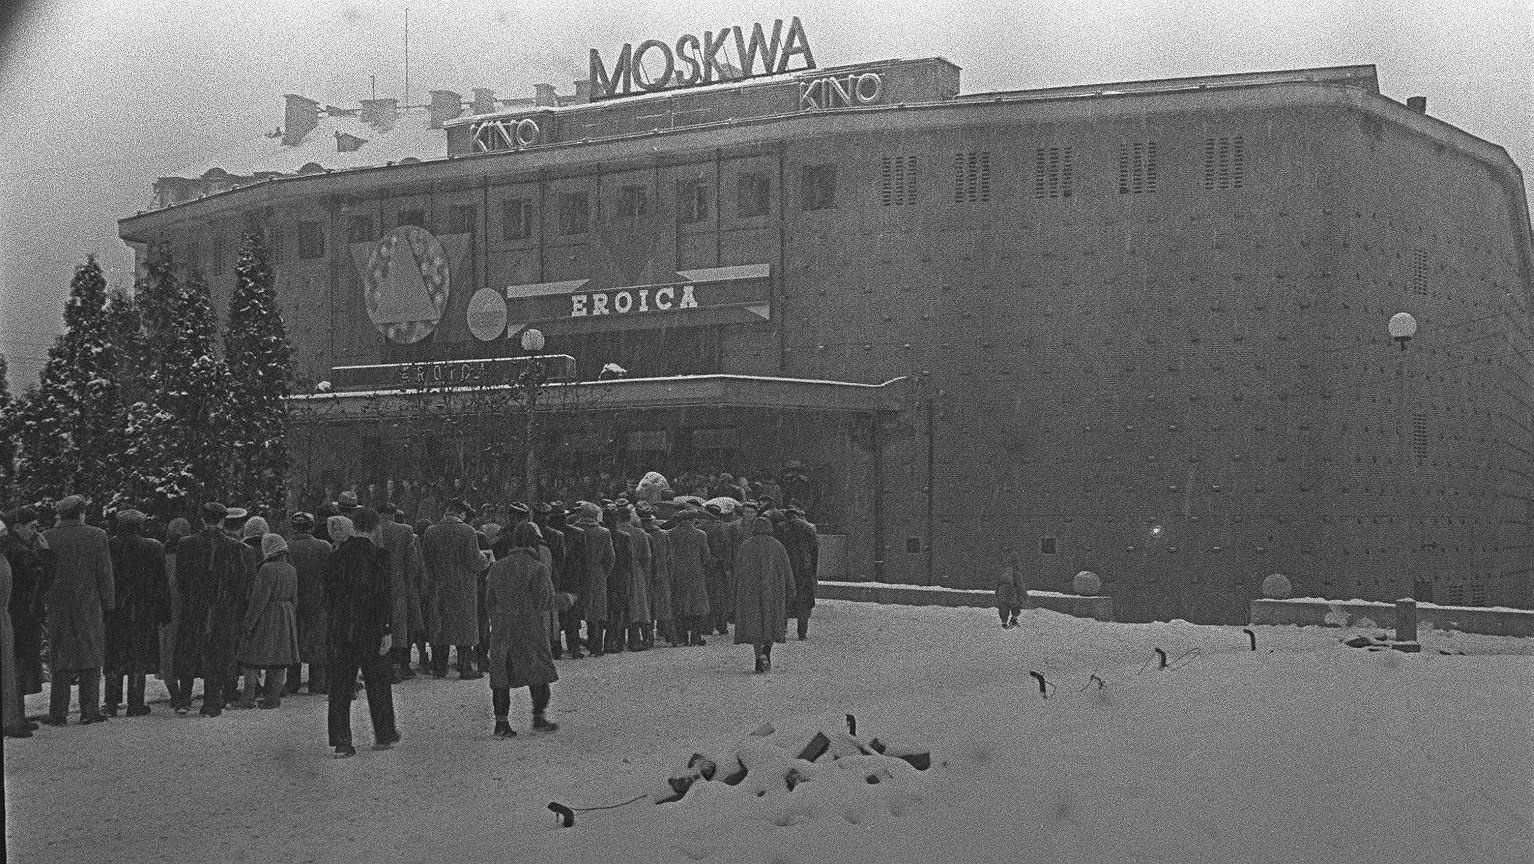 Kolejki przed kinem Moskwa w 1958 roku